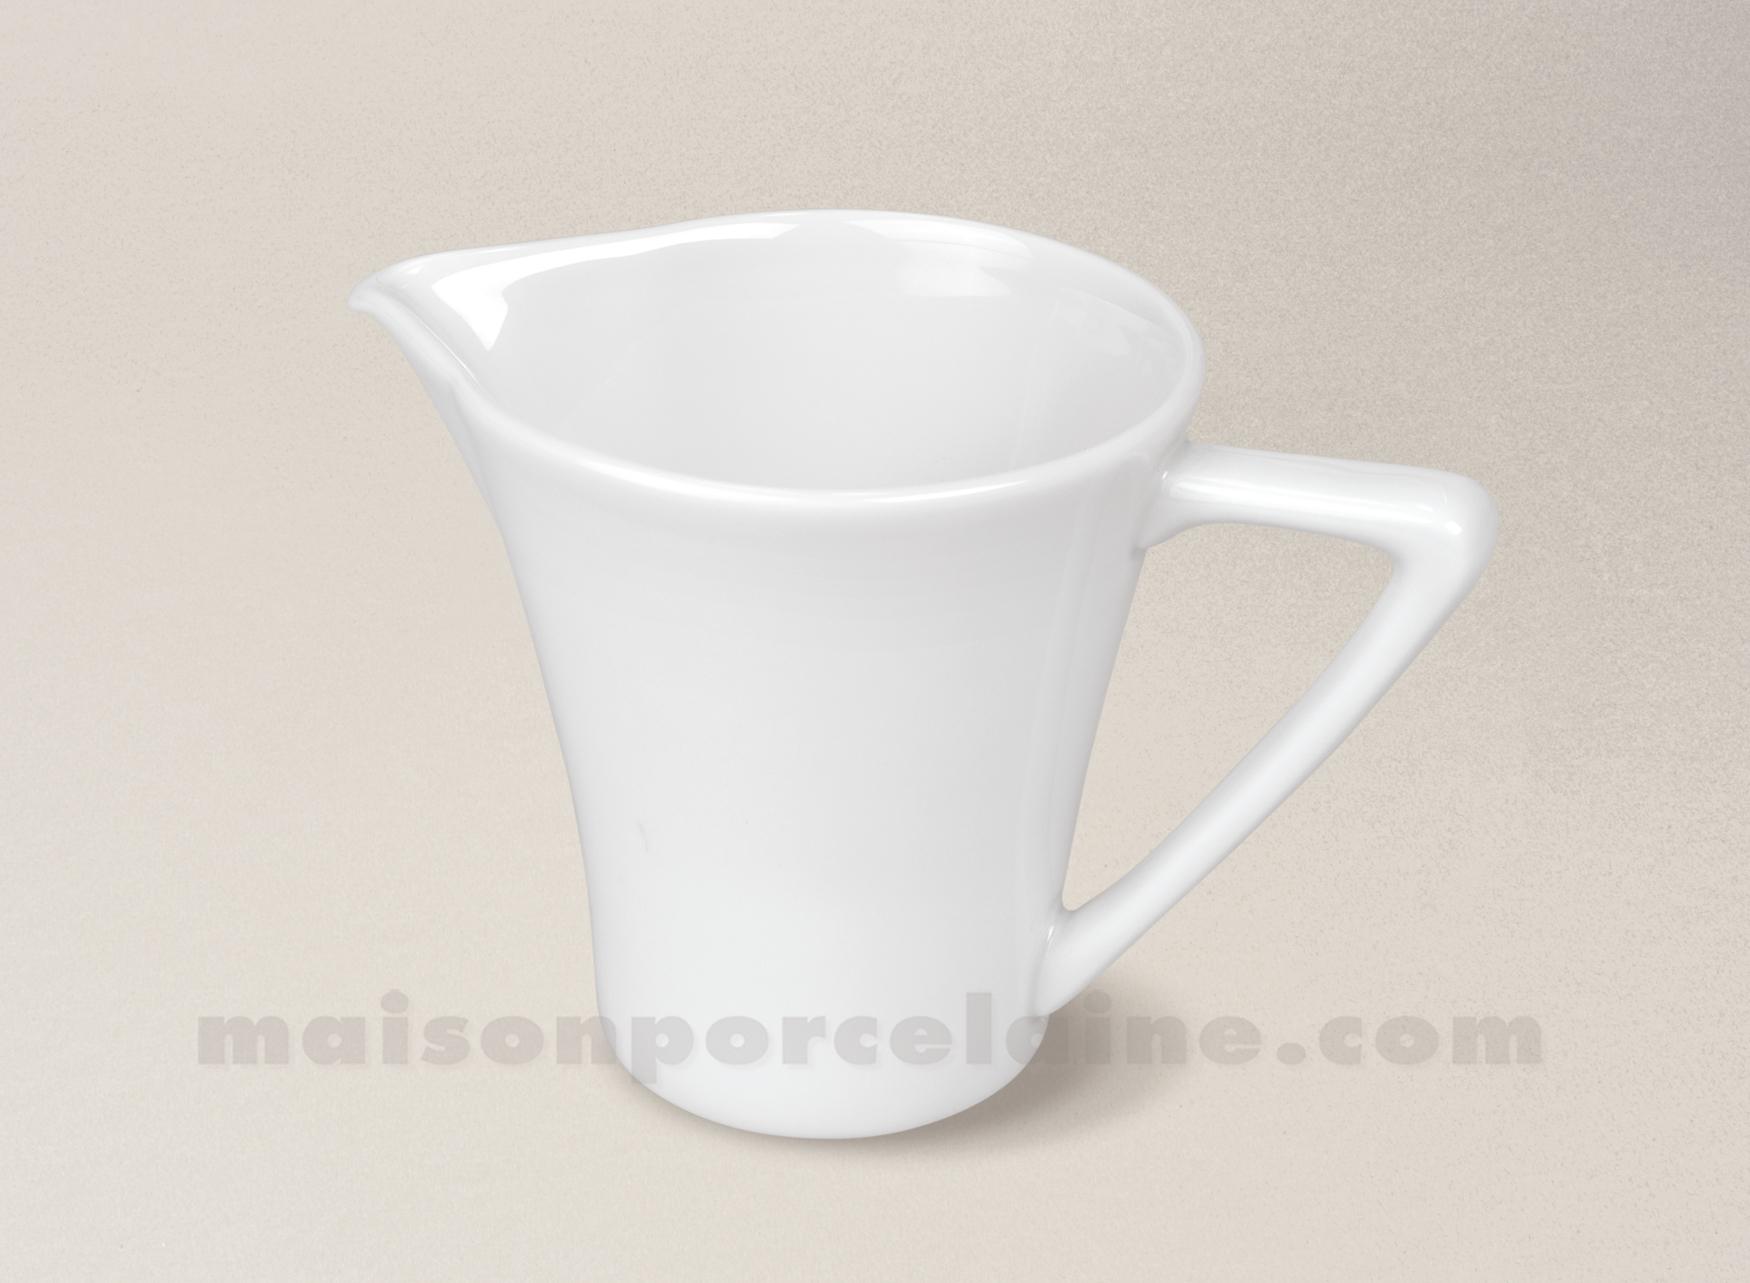 Cremier limoges porcelaine blanche haussmann 20cl maison for Maison de la porcelaine